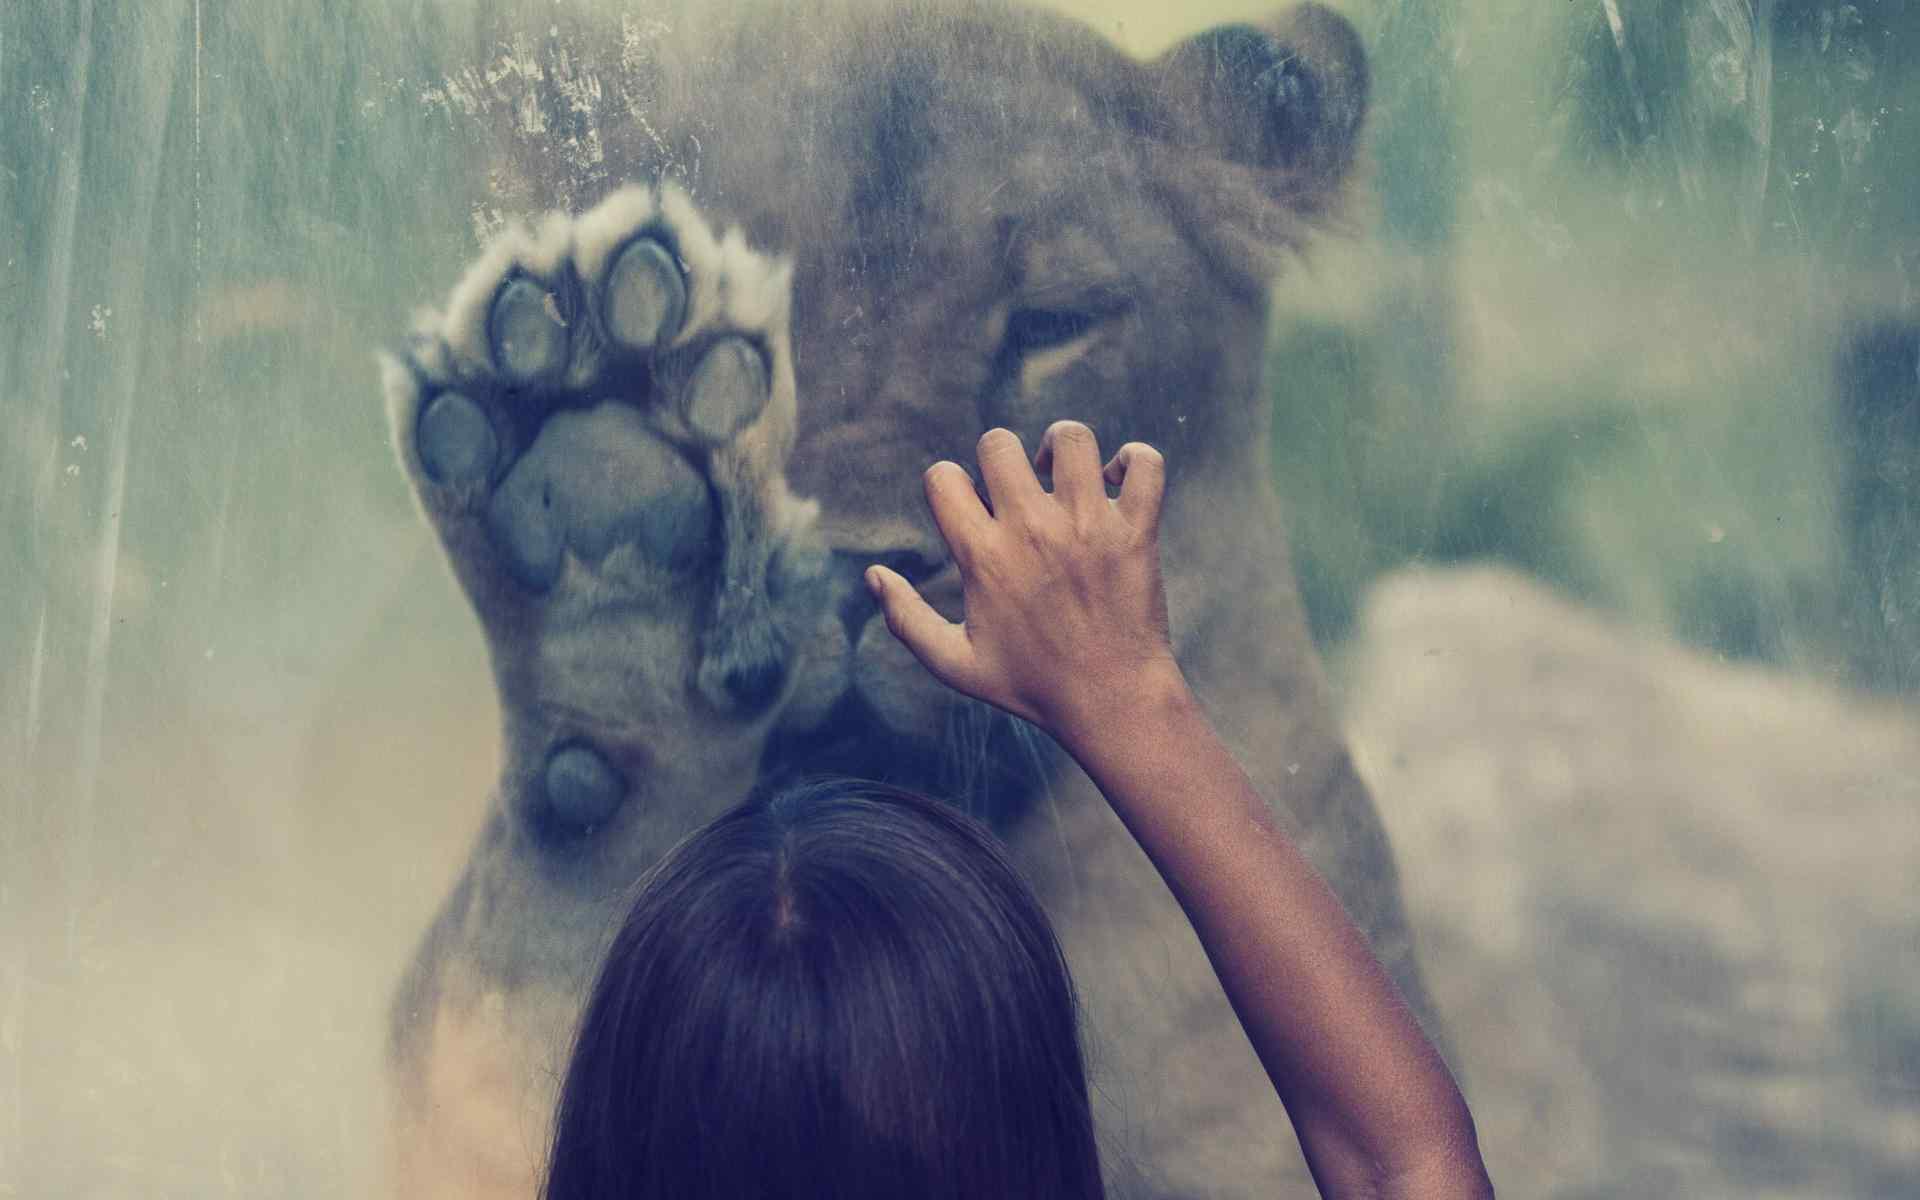 呆萌狮子壁纸